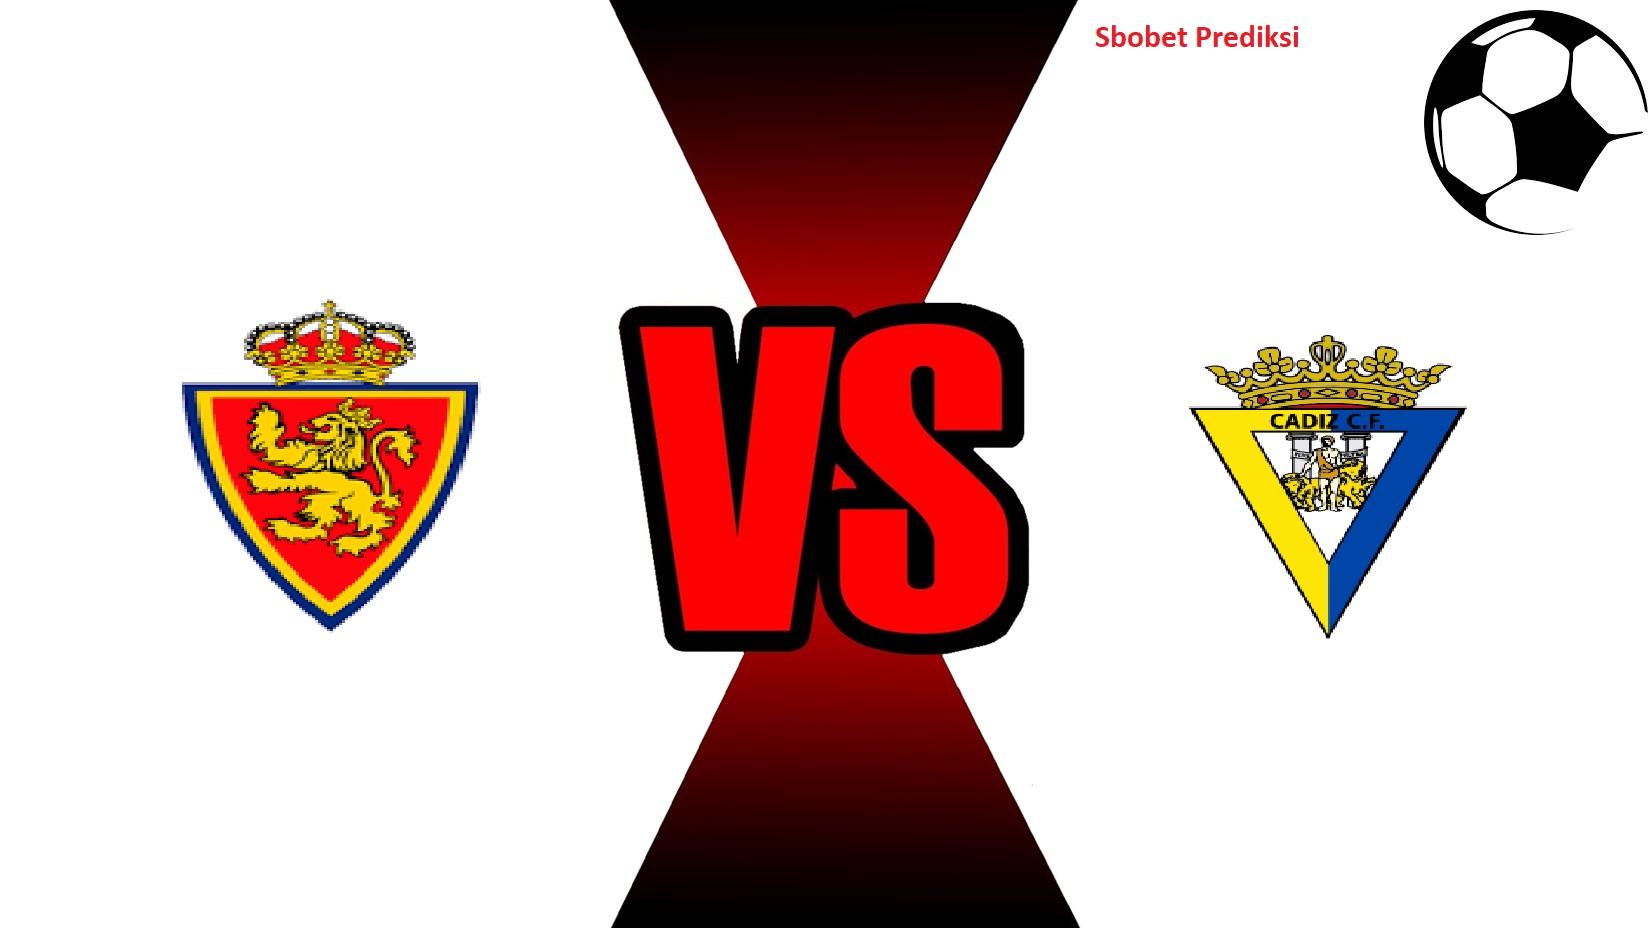 Prediksi Skor Pertandingan Real Zaragoza vs Cadiz 18 Oktober 2018